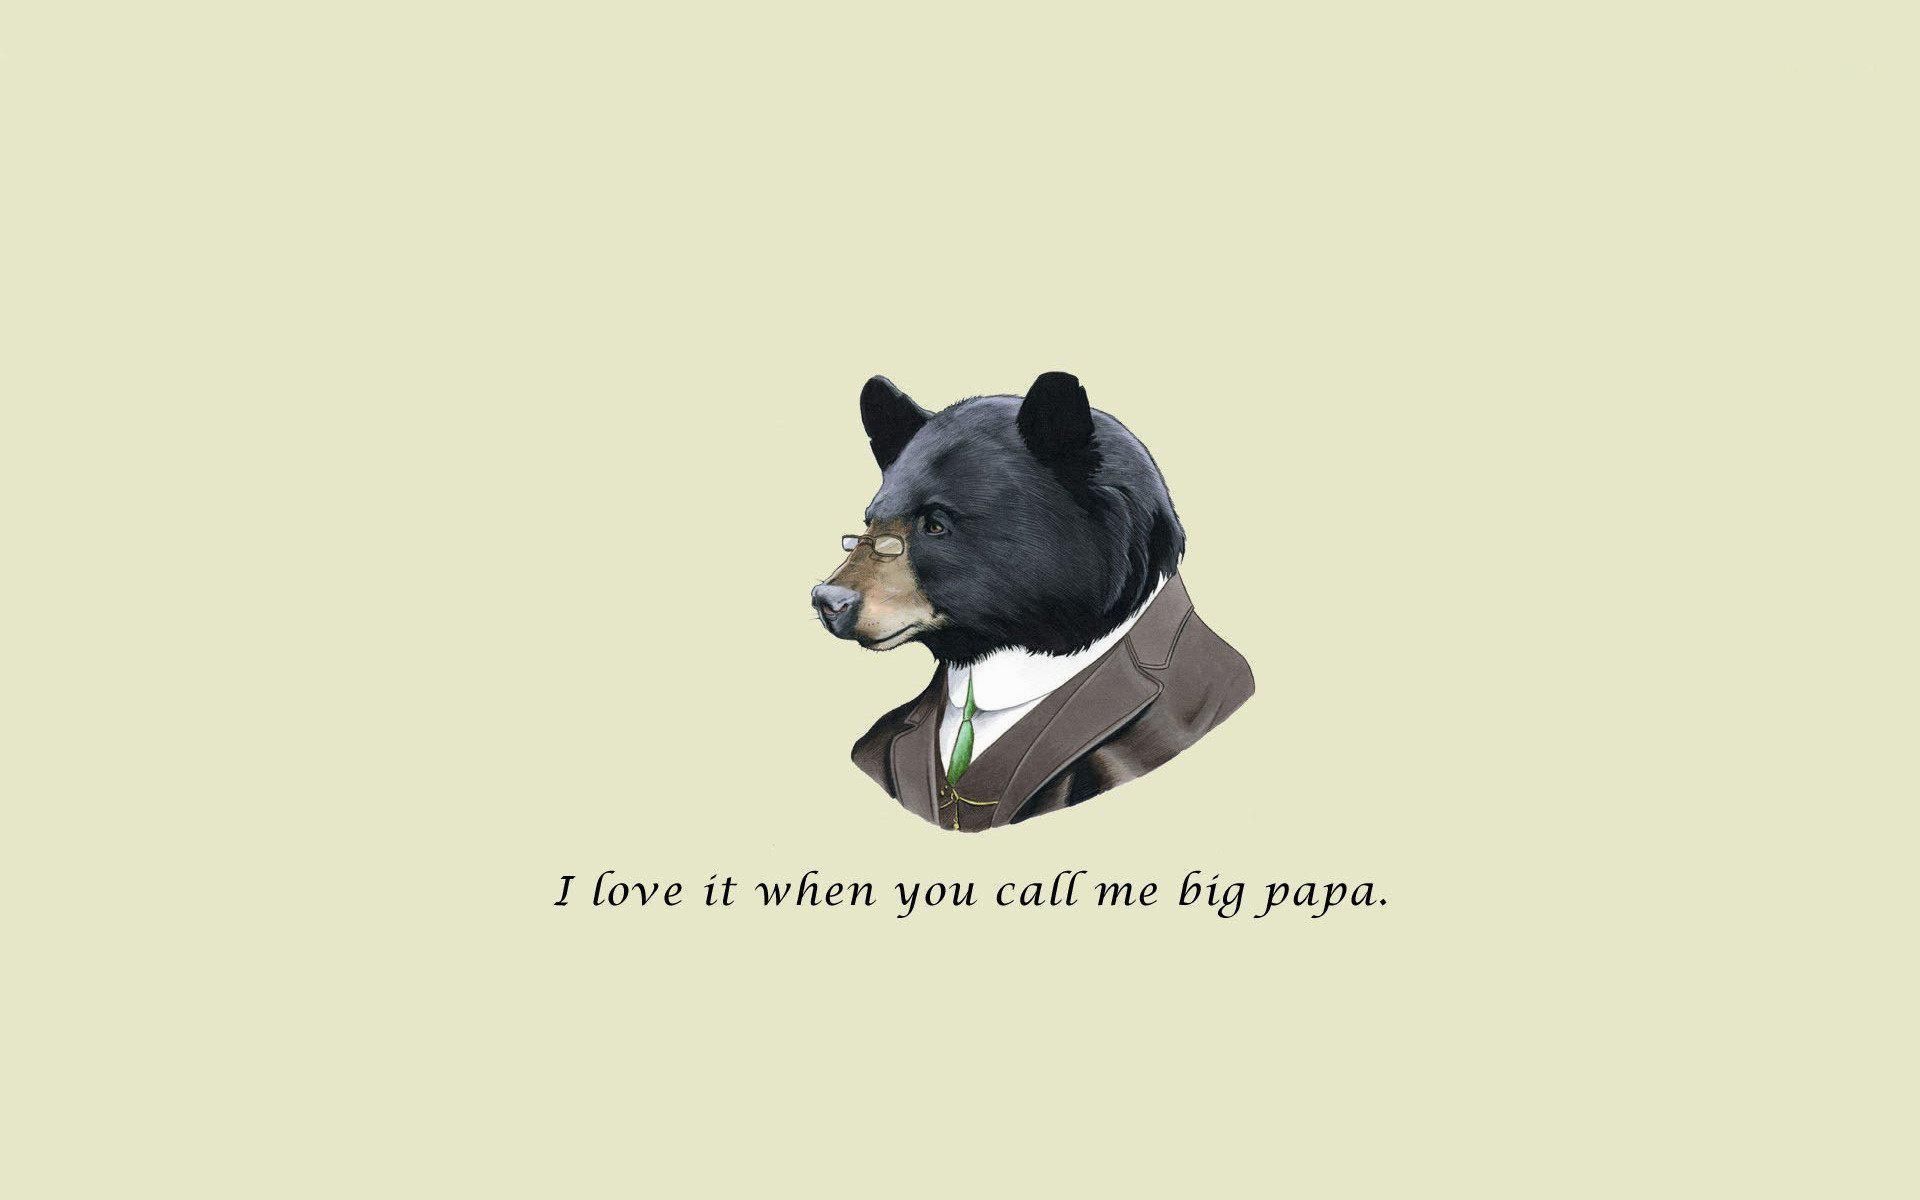 Cute Cartoon Foxes Wallpaper Hipster Desktop Wallpaper 79 Images